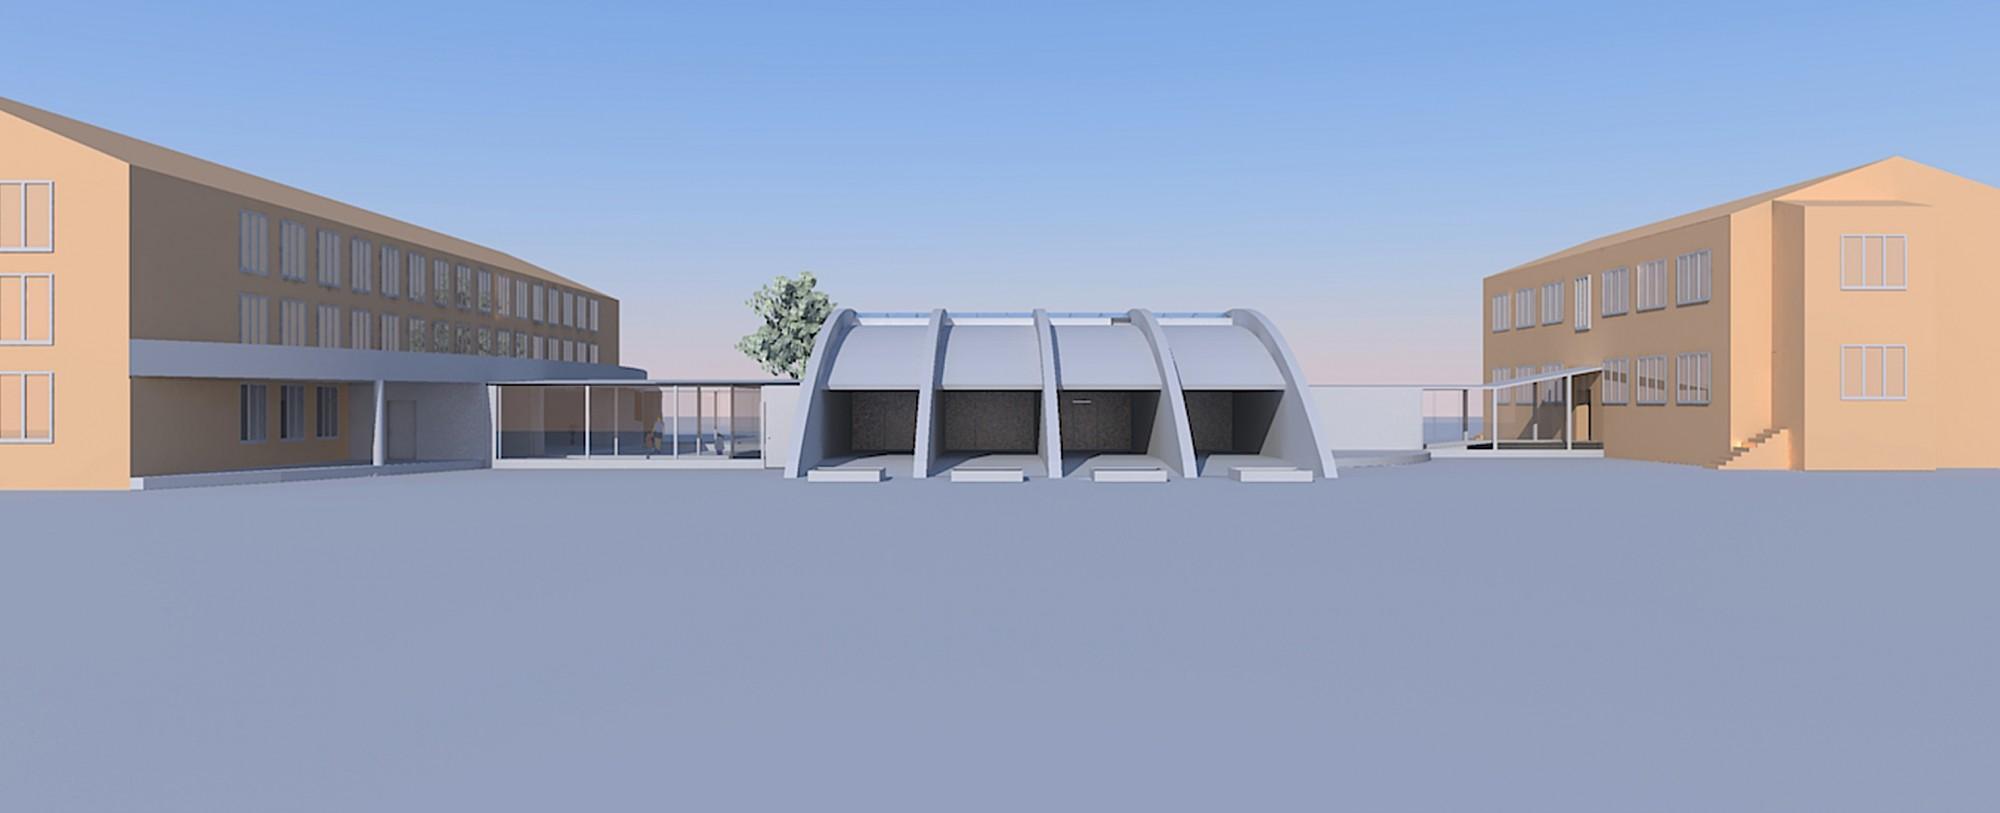 """Atbalsta jaunas piebūves celtniecību pie bērnudārza """"Kriksītis"""""""